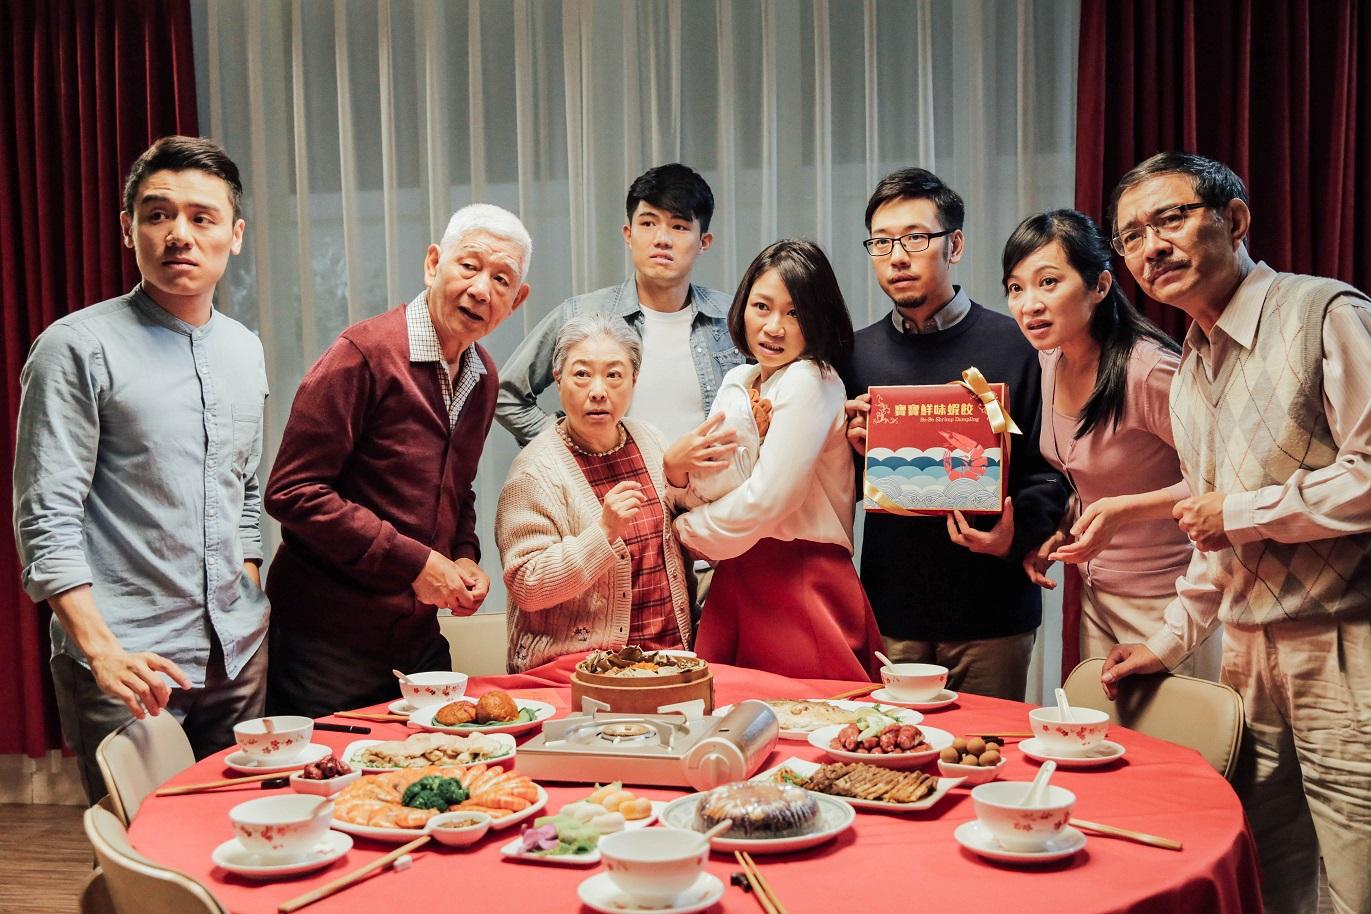 《蝦餃》借蝦餃廣告拍攝找不到嬰兒演員,誇張陳述台灣出生率低及人口老化問題,調子輕鬆惹笑。